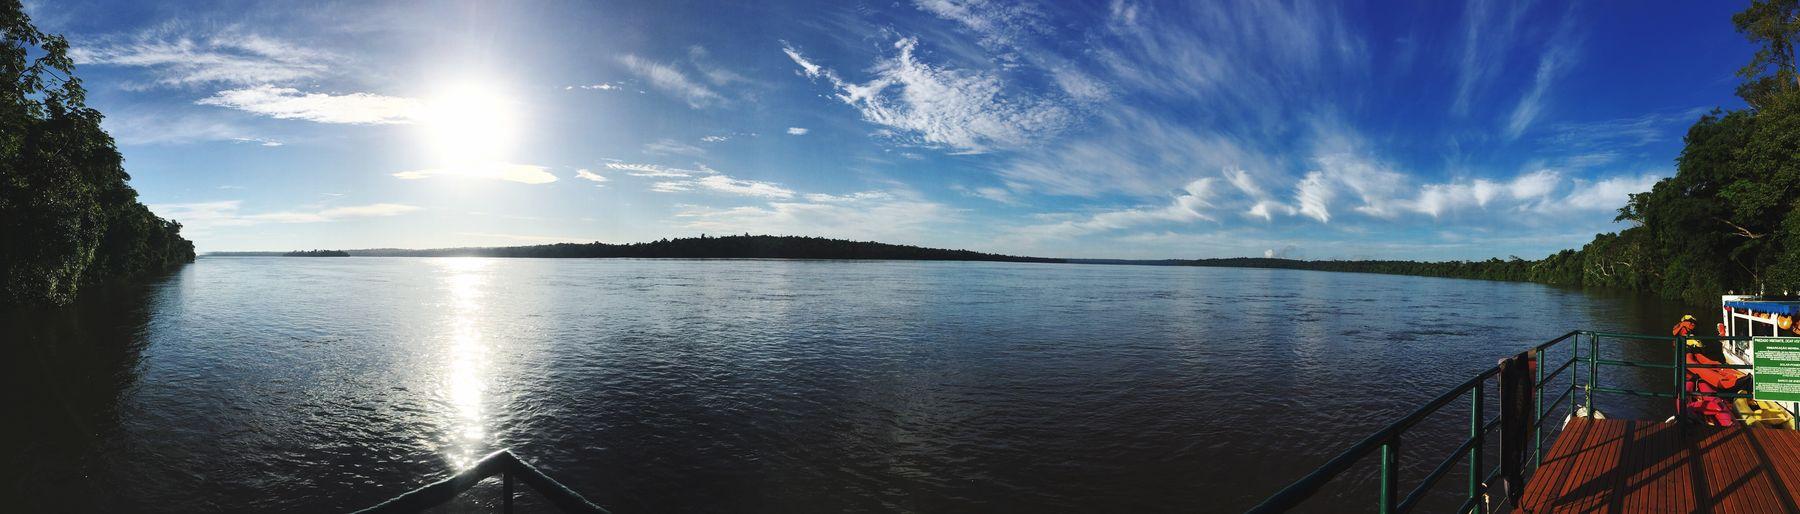 Iguassu River